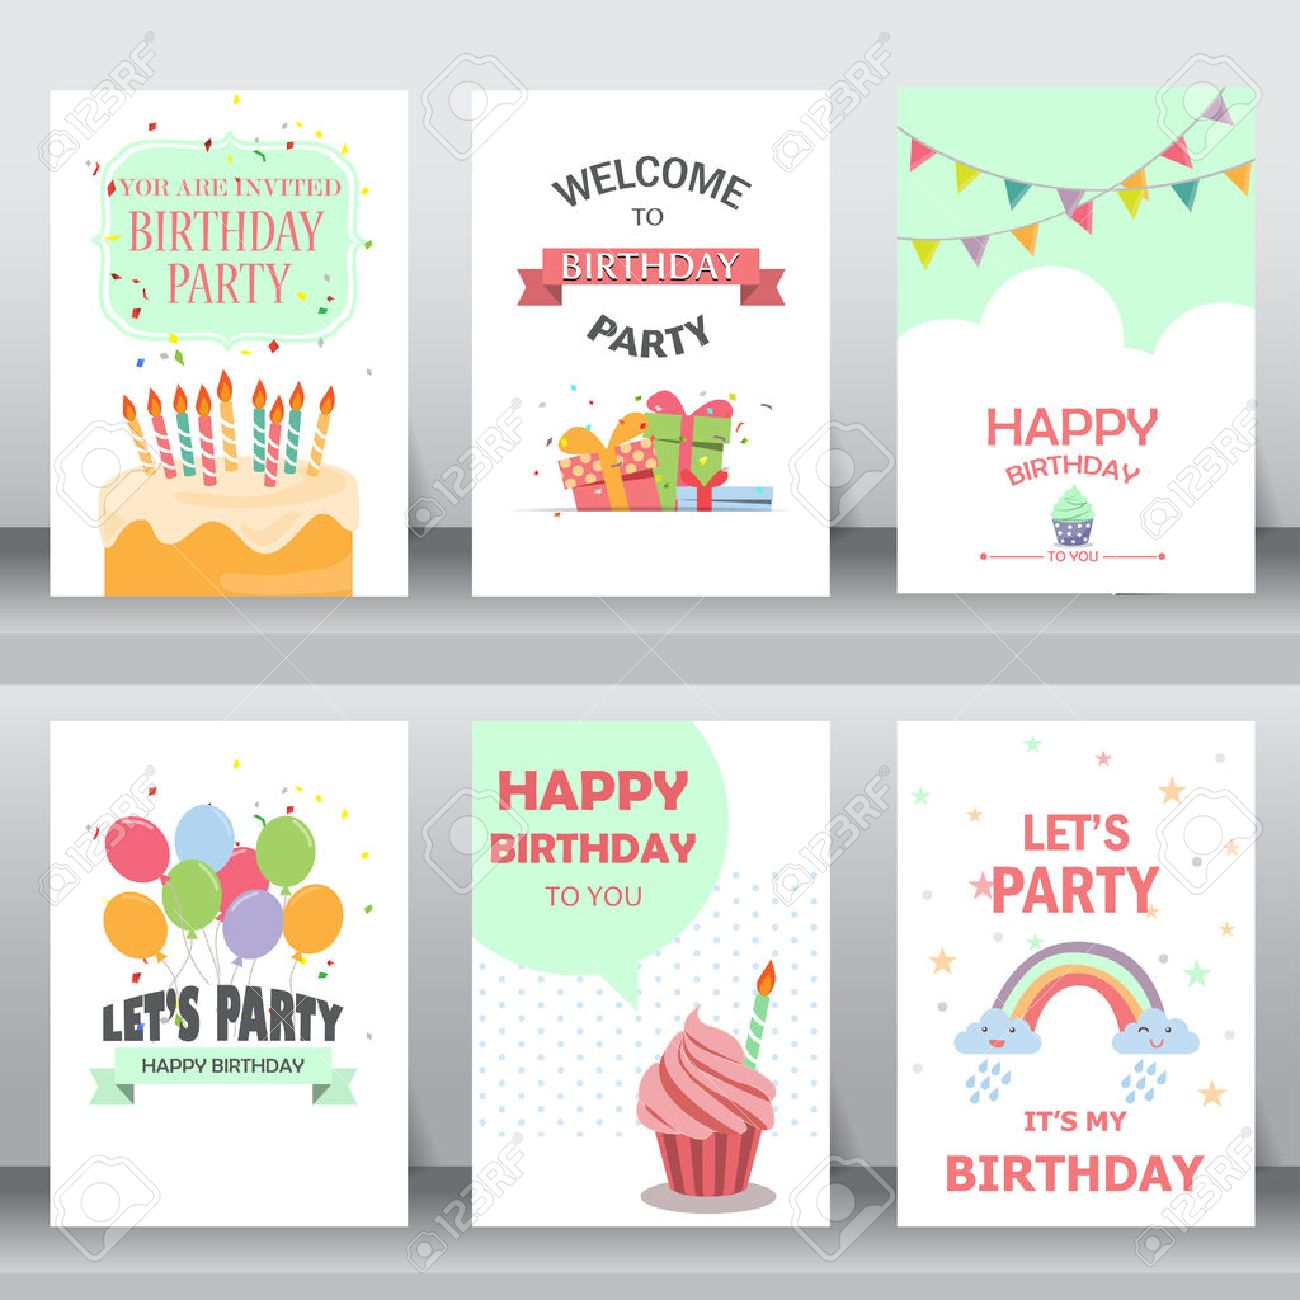 Feliz Cumpleaños Fiesta Saludo De Navidad Y La Tarjeta De Invitación Hay Globos Cajas De Regalo Confeti Torta De La Plantilla De Diseño De